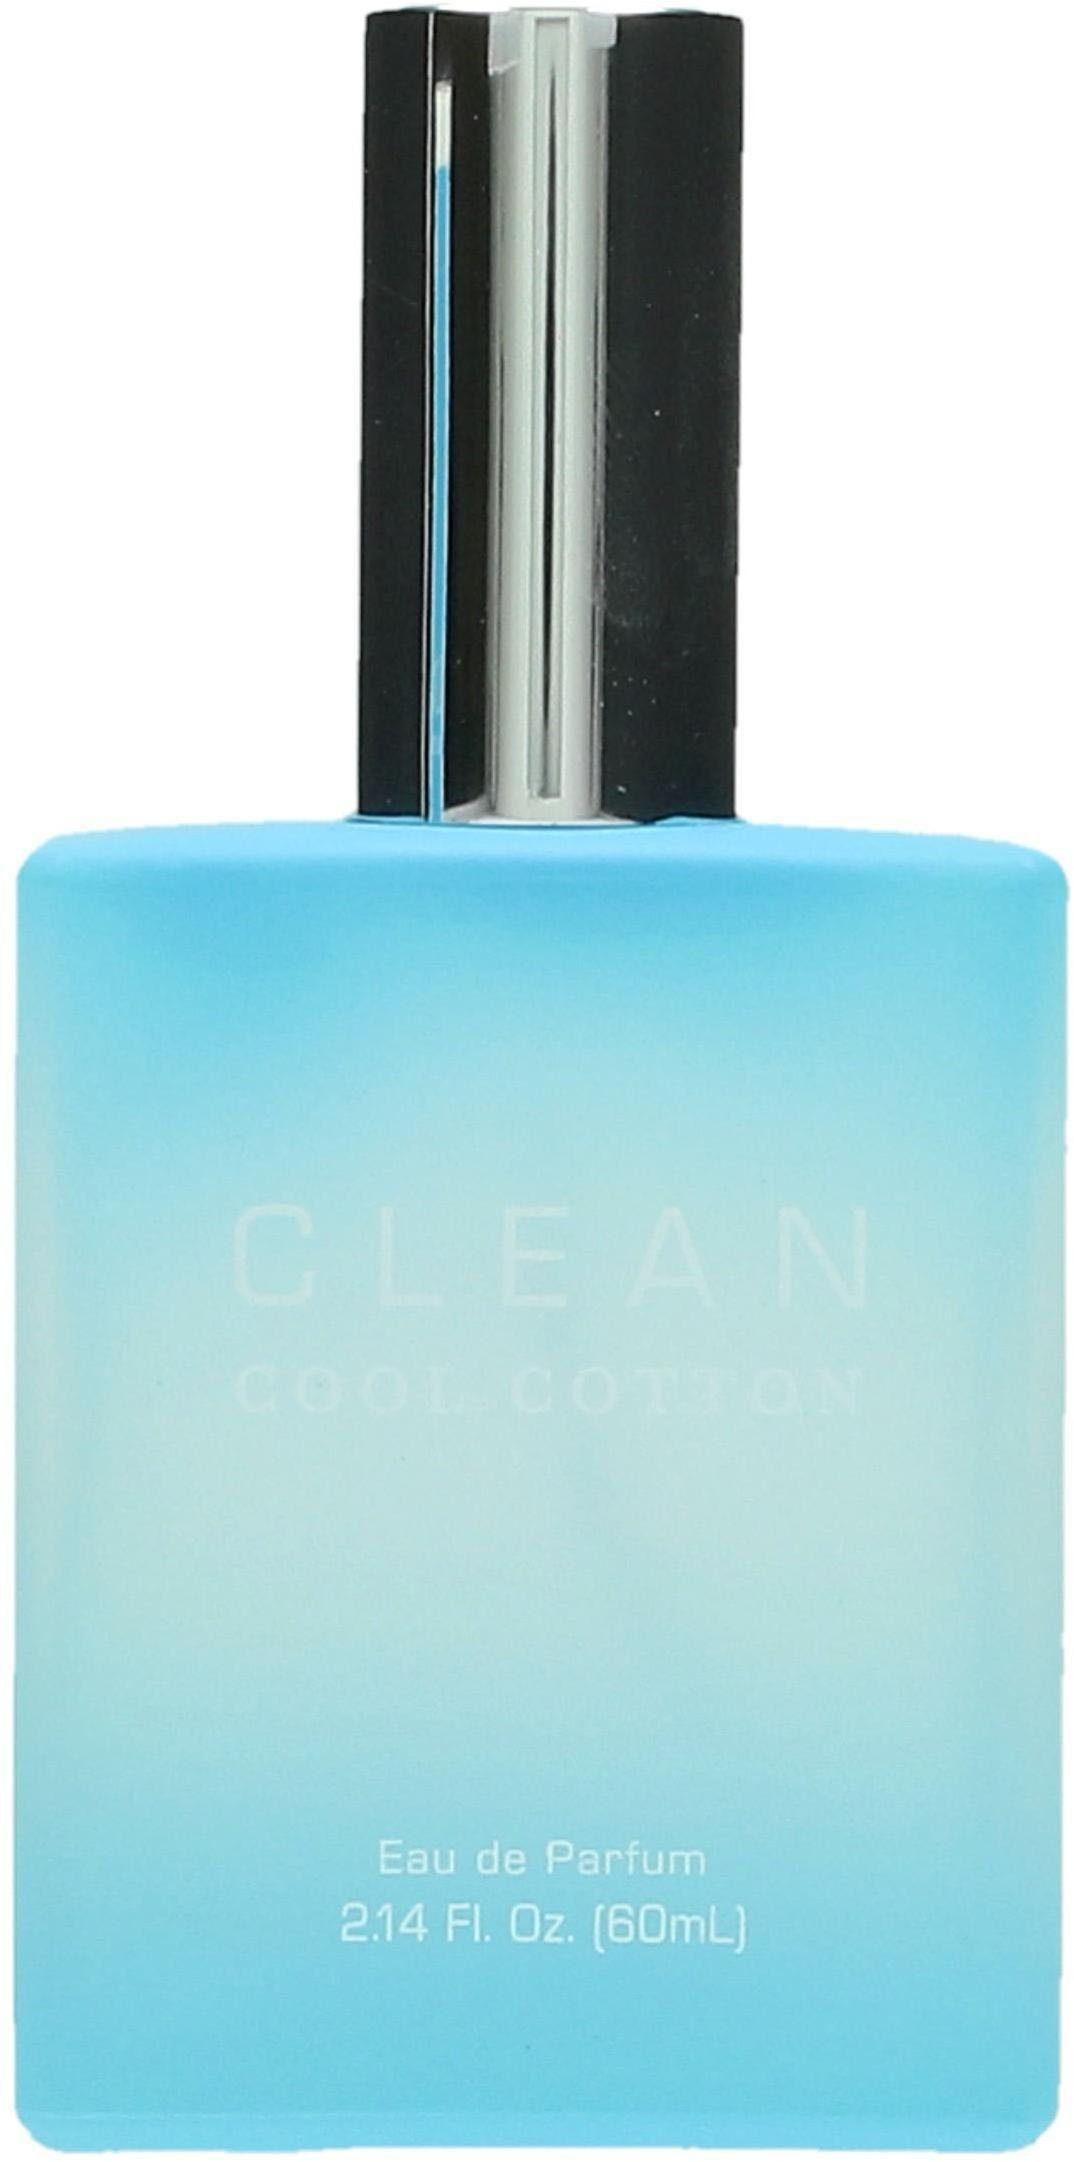 Clean, »Cool Cotton«, Eau de Parfum